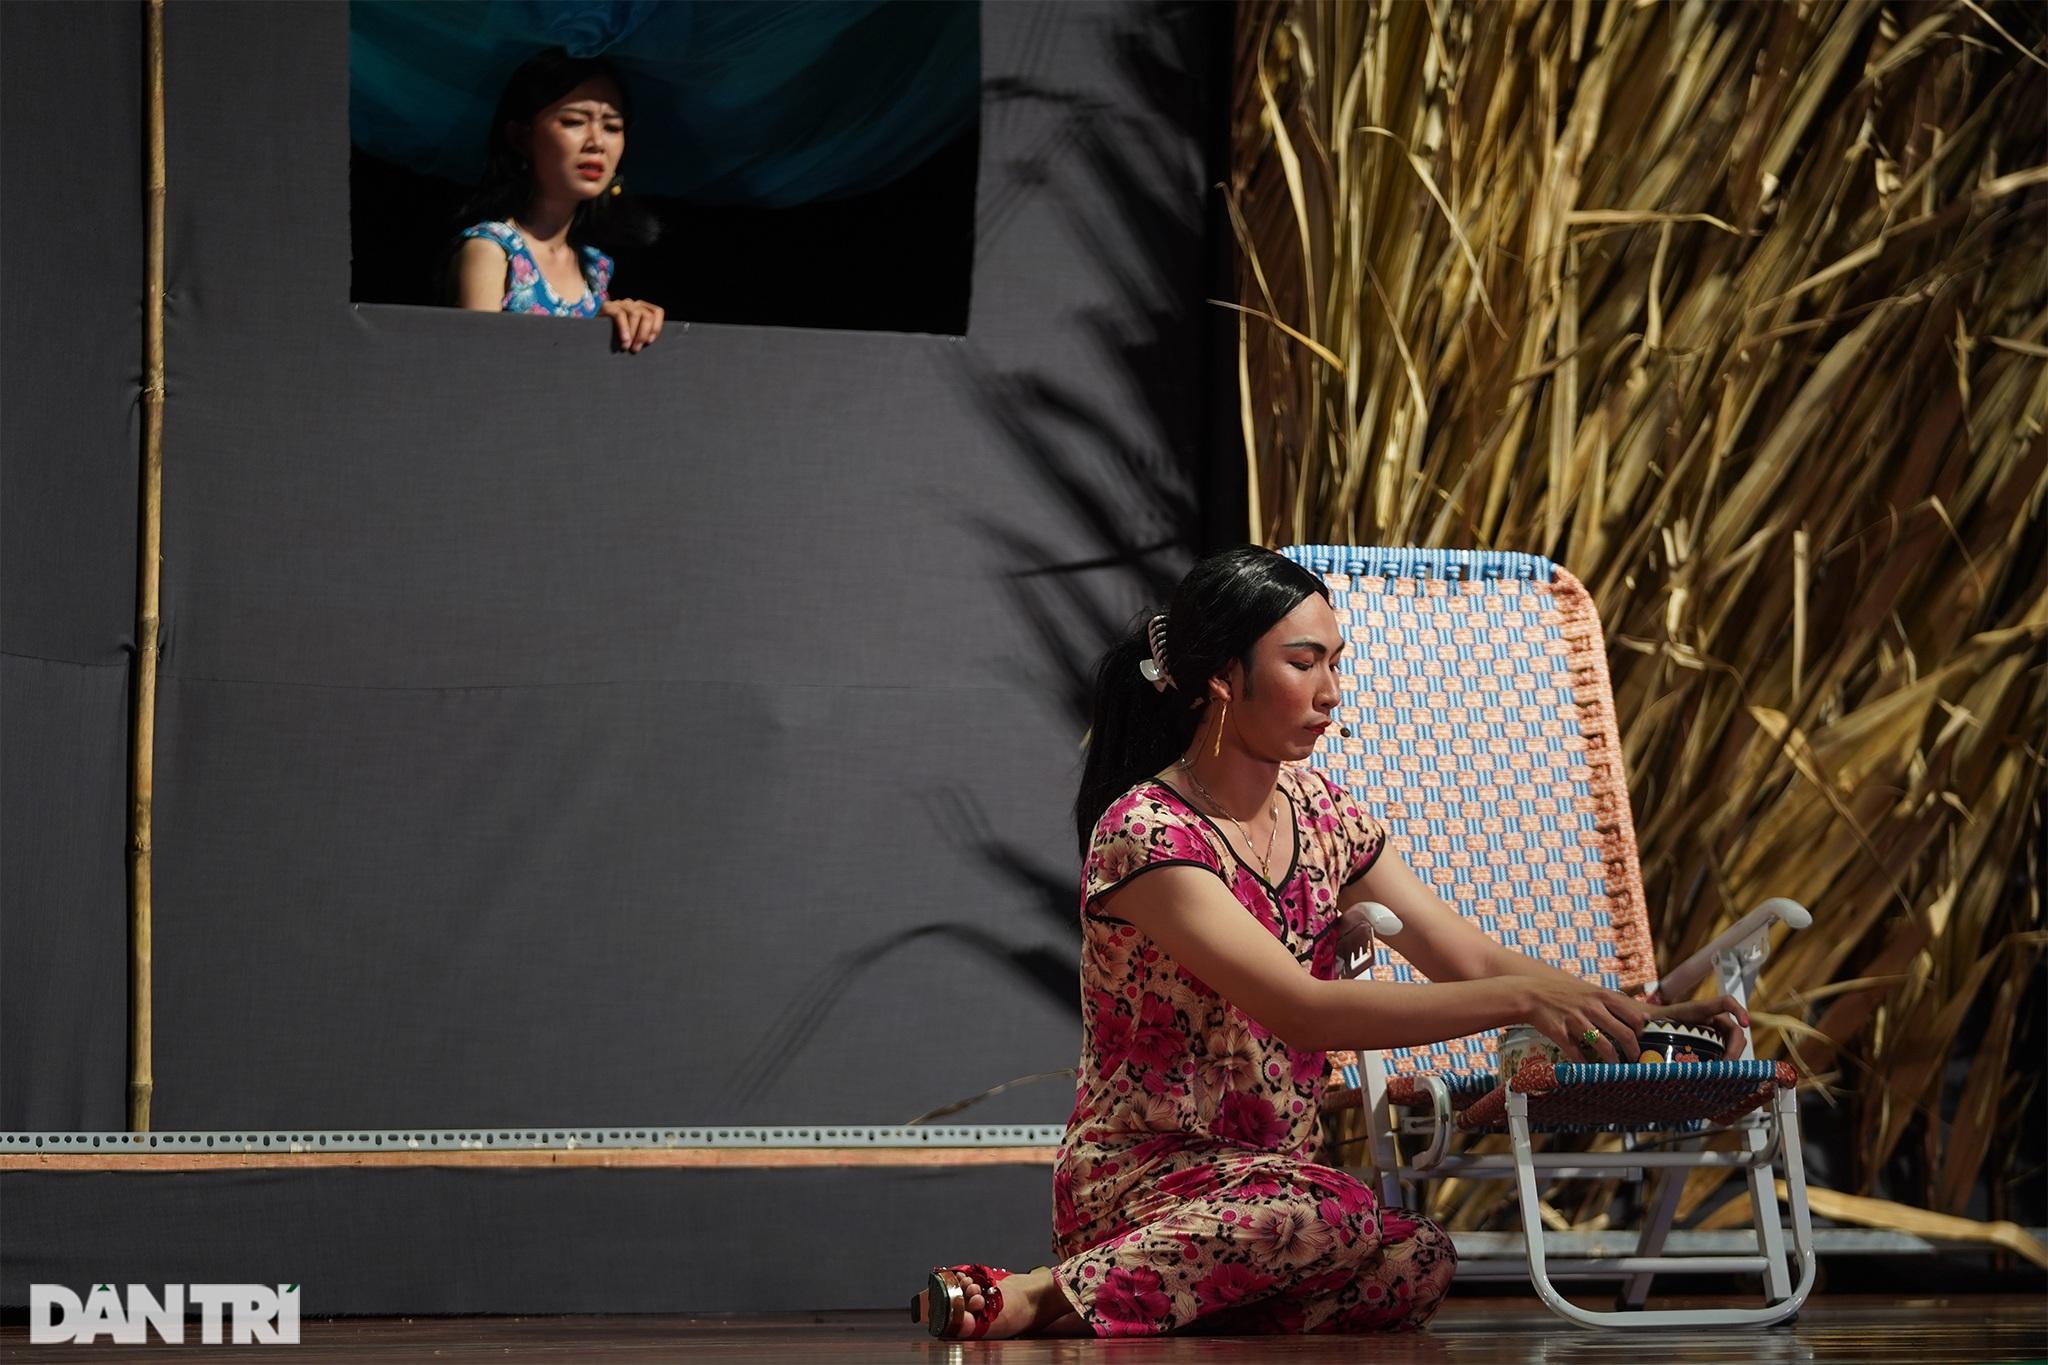 Bất ngờ khoảnh khắc: Khi sinh viên làm kịch chuyên nghiệp - 14